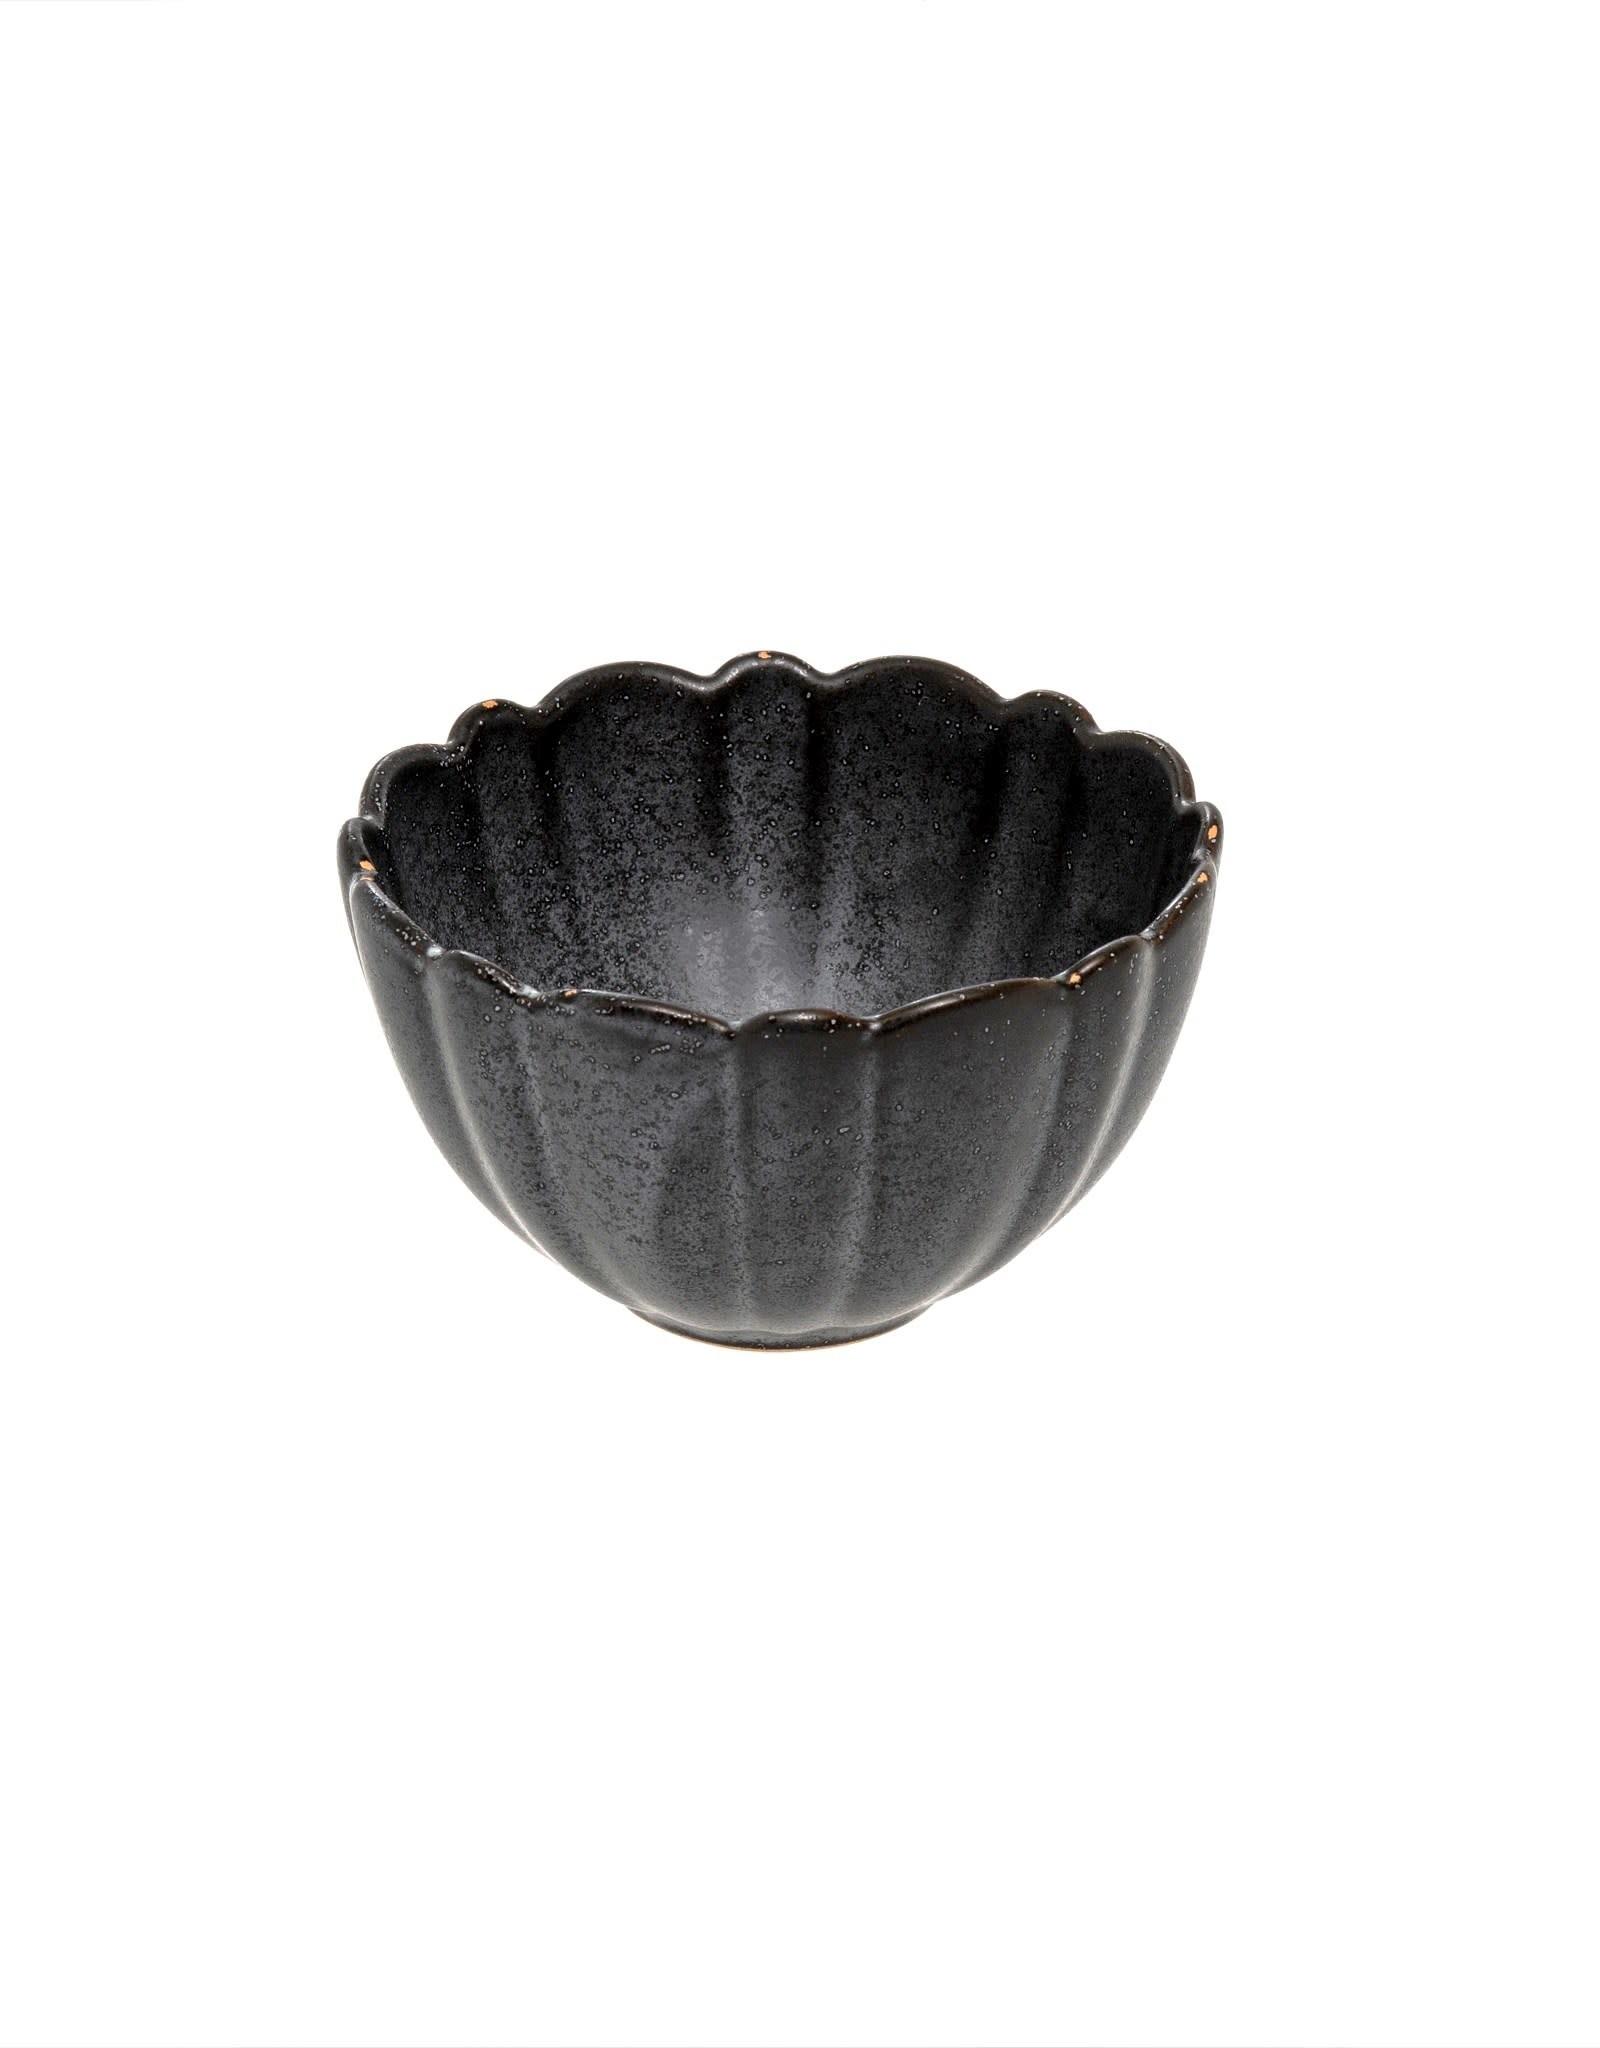 Indaba Amelia Dusk Bowl - Large